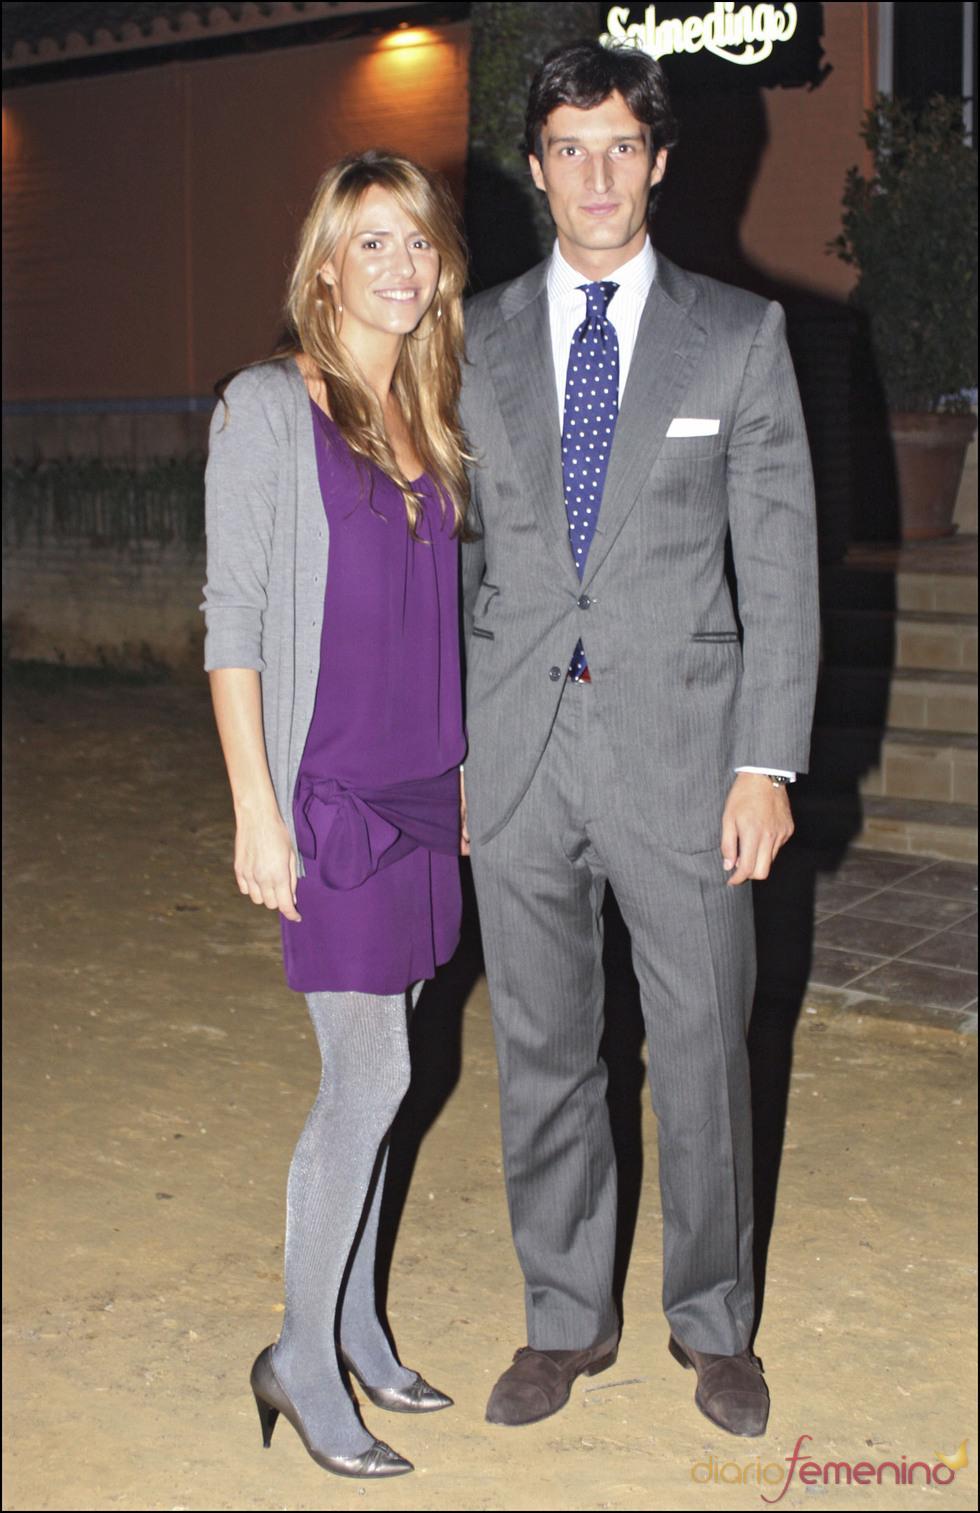 Rafael Medina y Laura Vecino, pura sofisticación